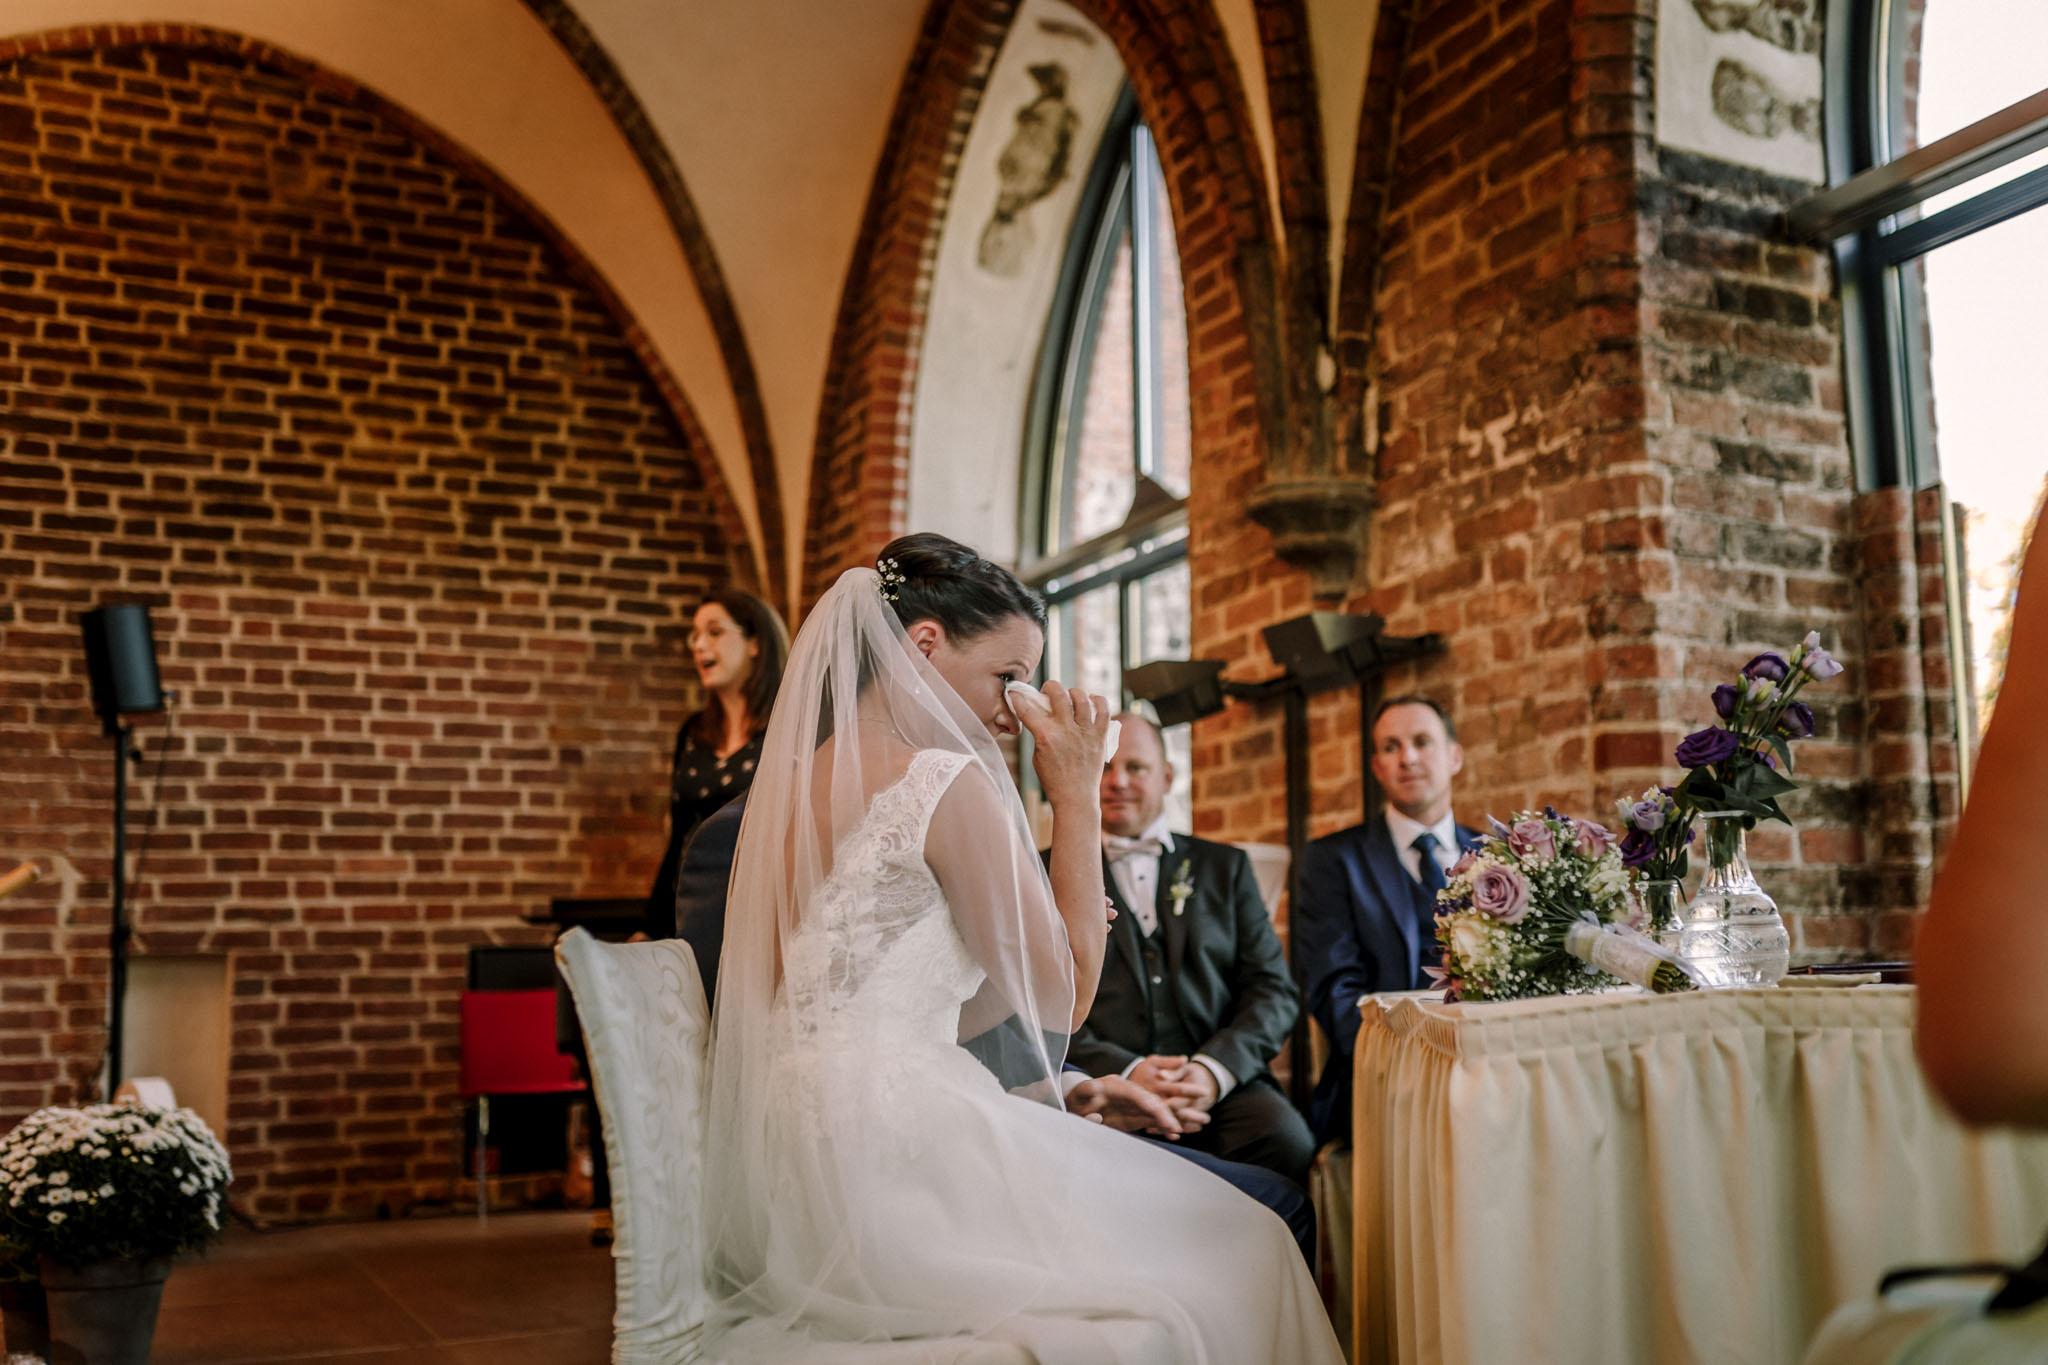 Hochzeitsfieber by Photo-Schomburg, Hochzeitsfotograf, Hamburg,Hochzeitstag, Hochzeitspaar, Braut, Bräutigam, Literaturhauscafe Zarrentin-29